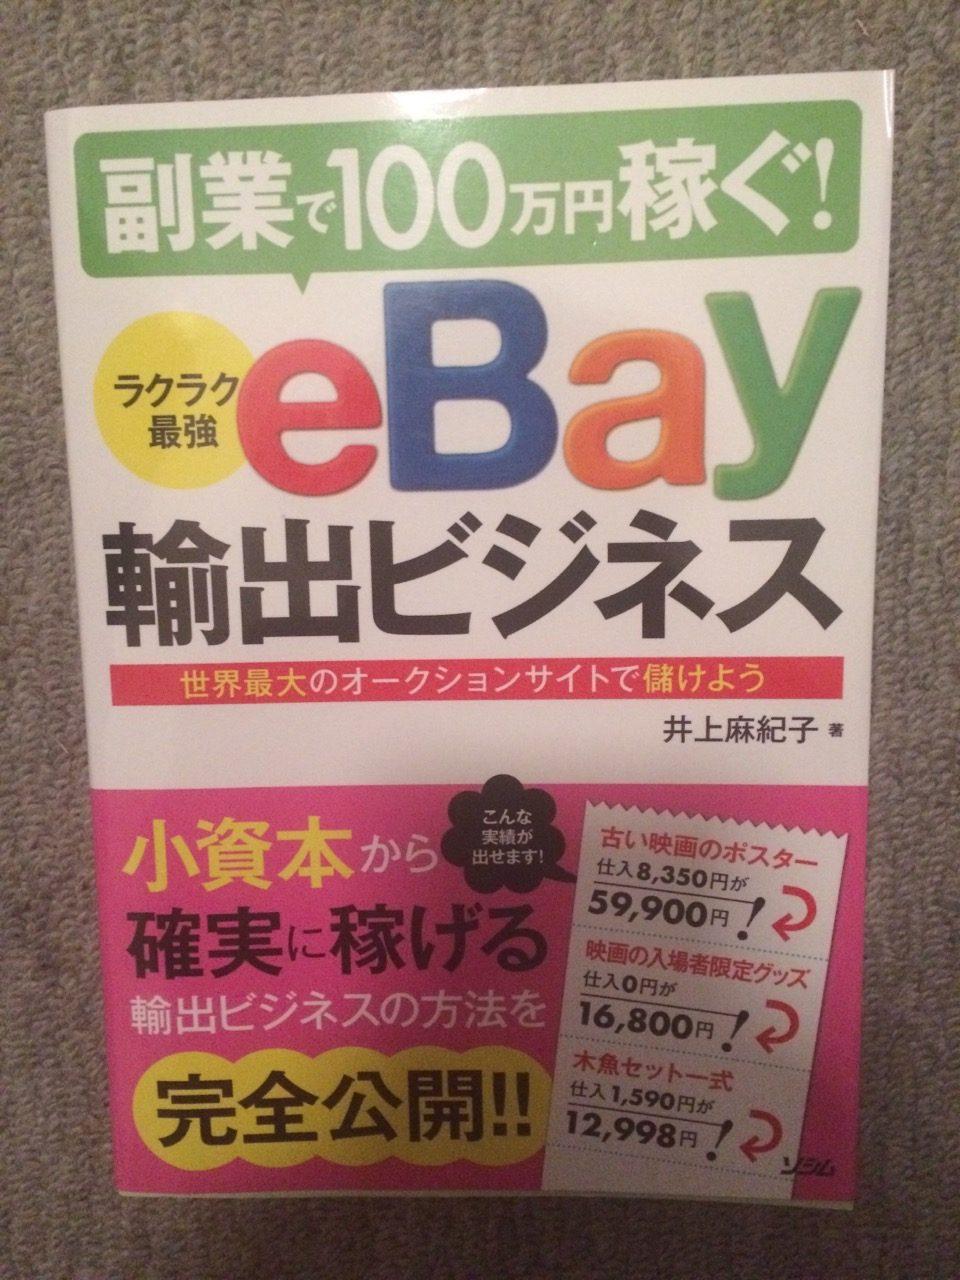 副業で100万稼ぐ!ラクラク最強eBay輸出ビジネス